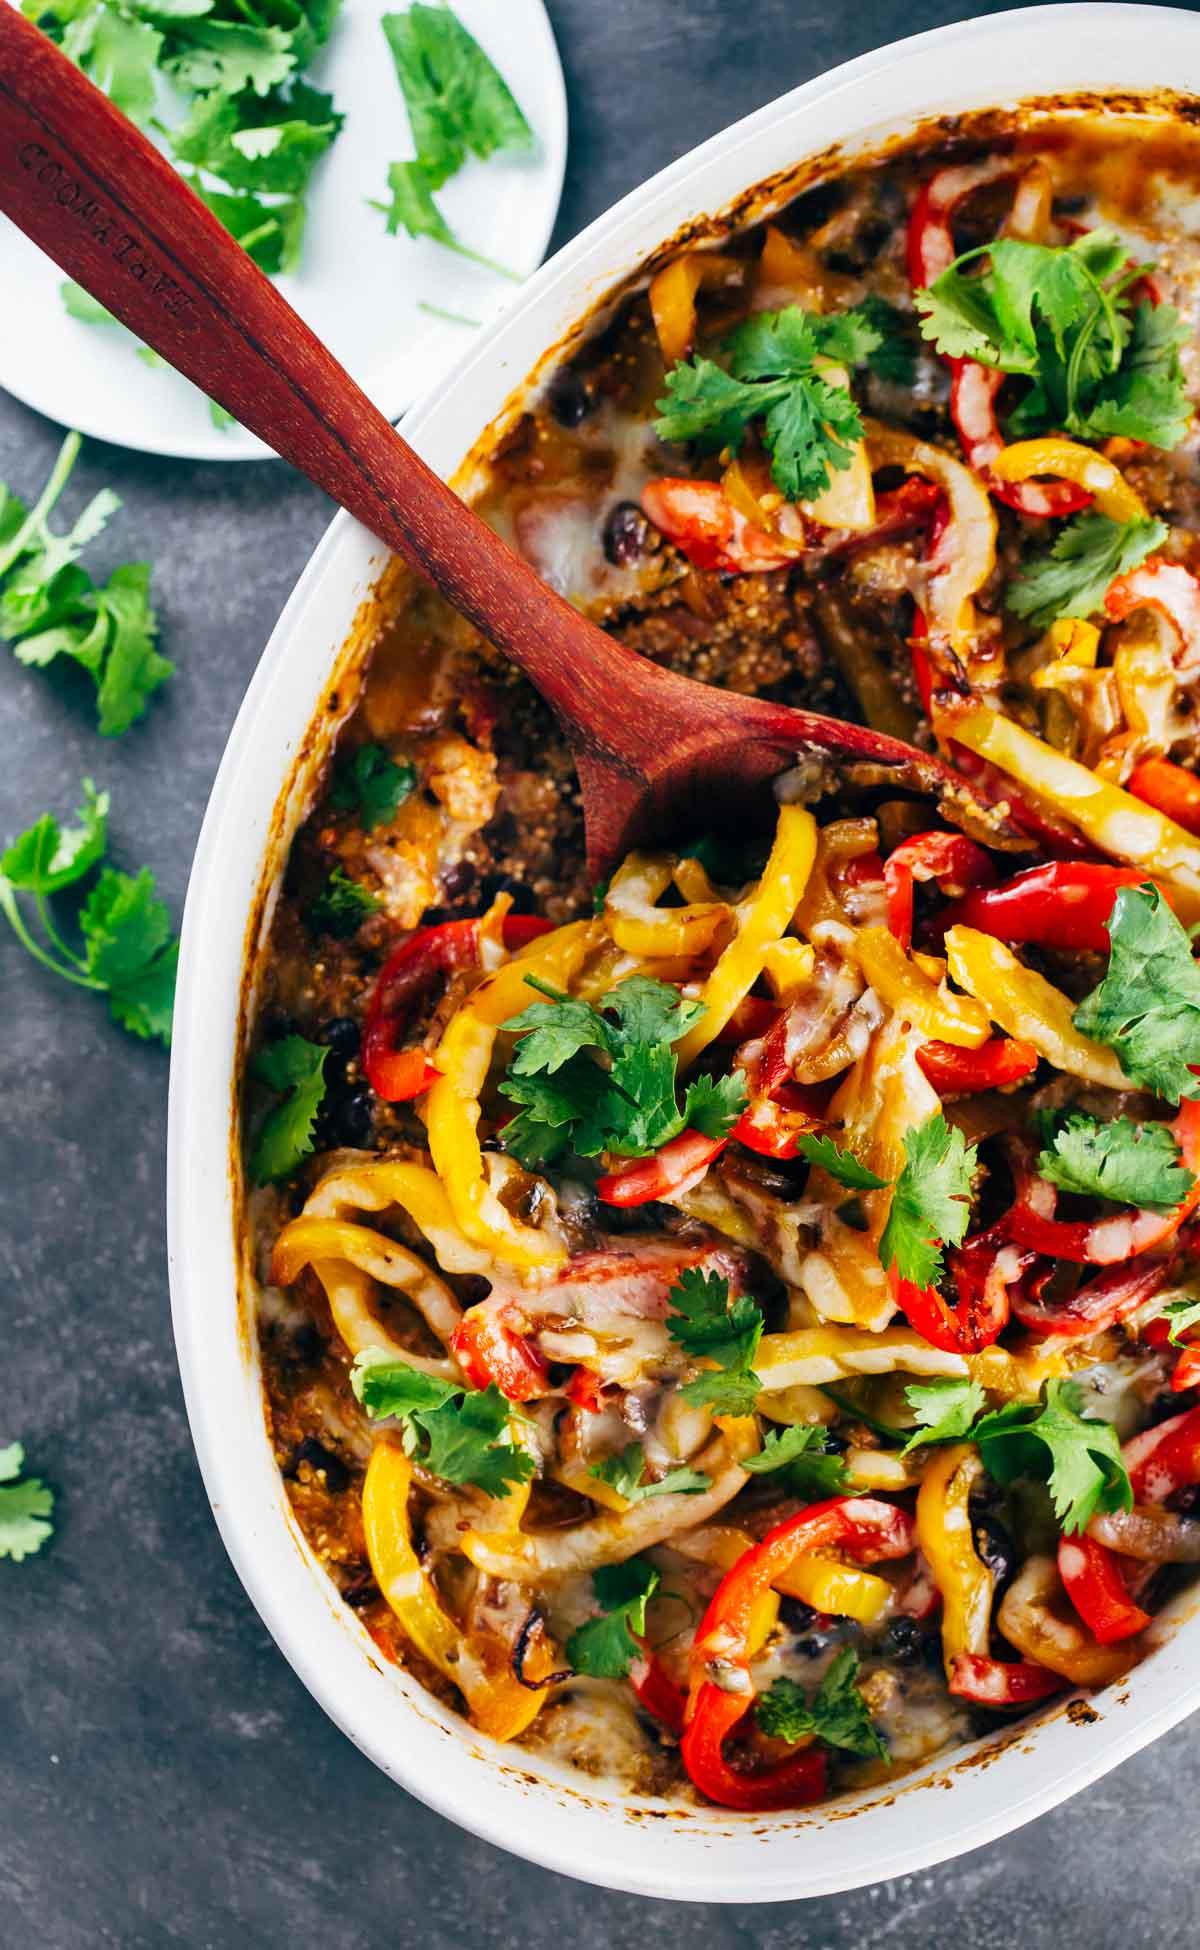 Quinoa Recipes With Chicken  Easy Mexican Chicken Quinoa Casserole Recipe Pinch of Yum